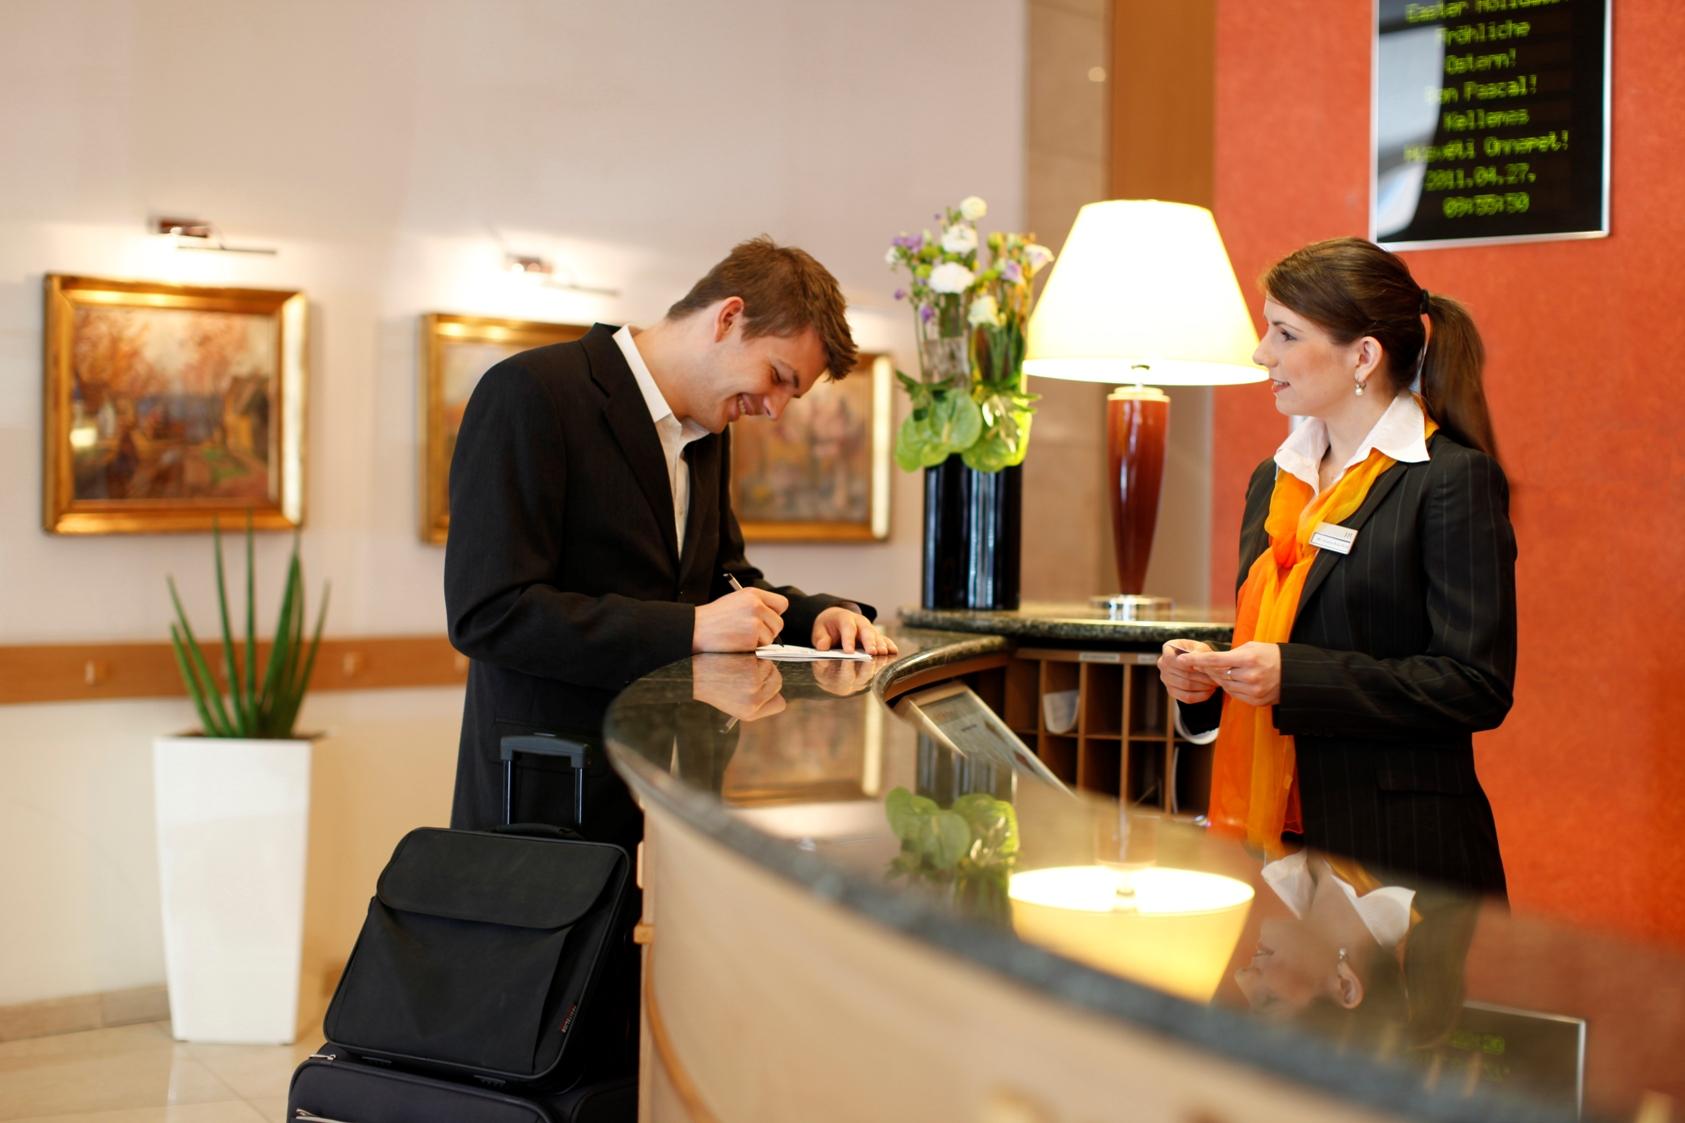 Τάσος Δούσης συμβουλεύει!Αυτά πρέπει να ξέρεις όταν κλείνεις δωμάτιο σε ξενοδοχείο!